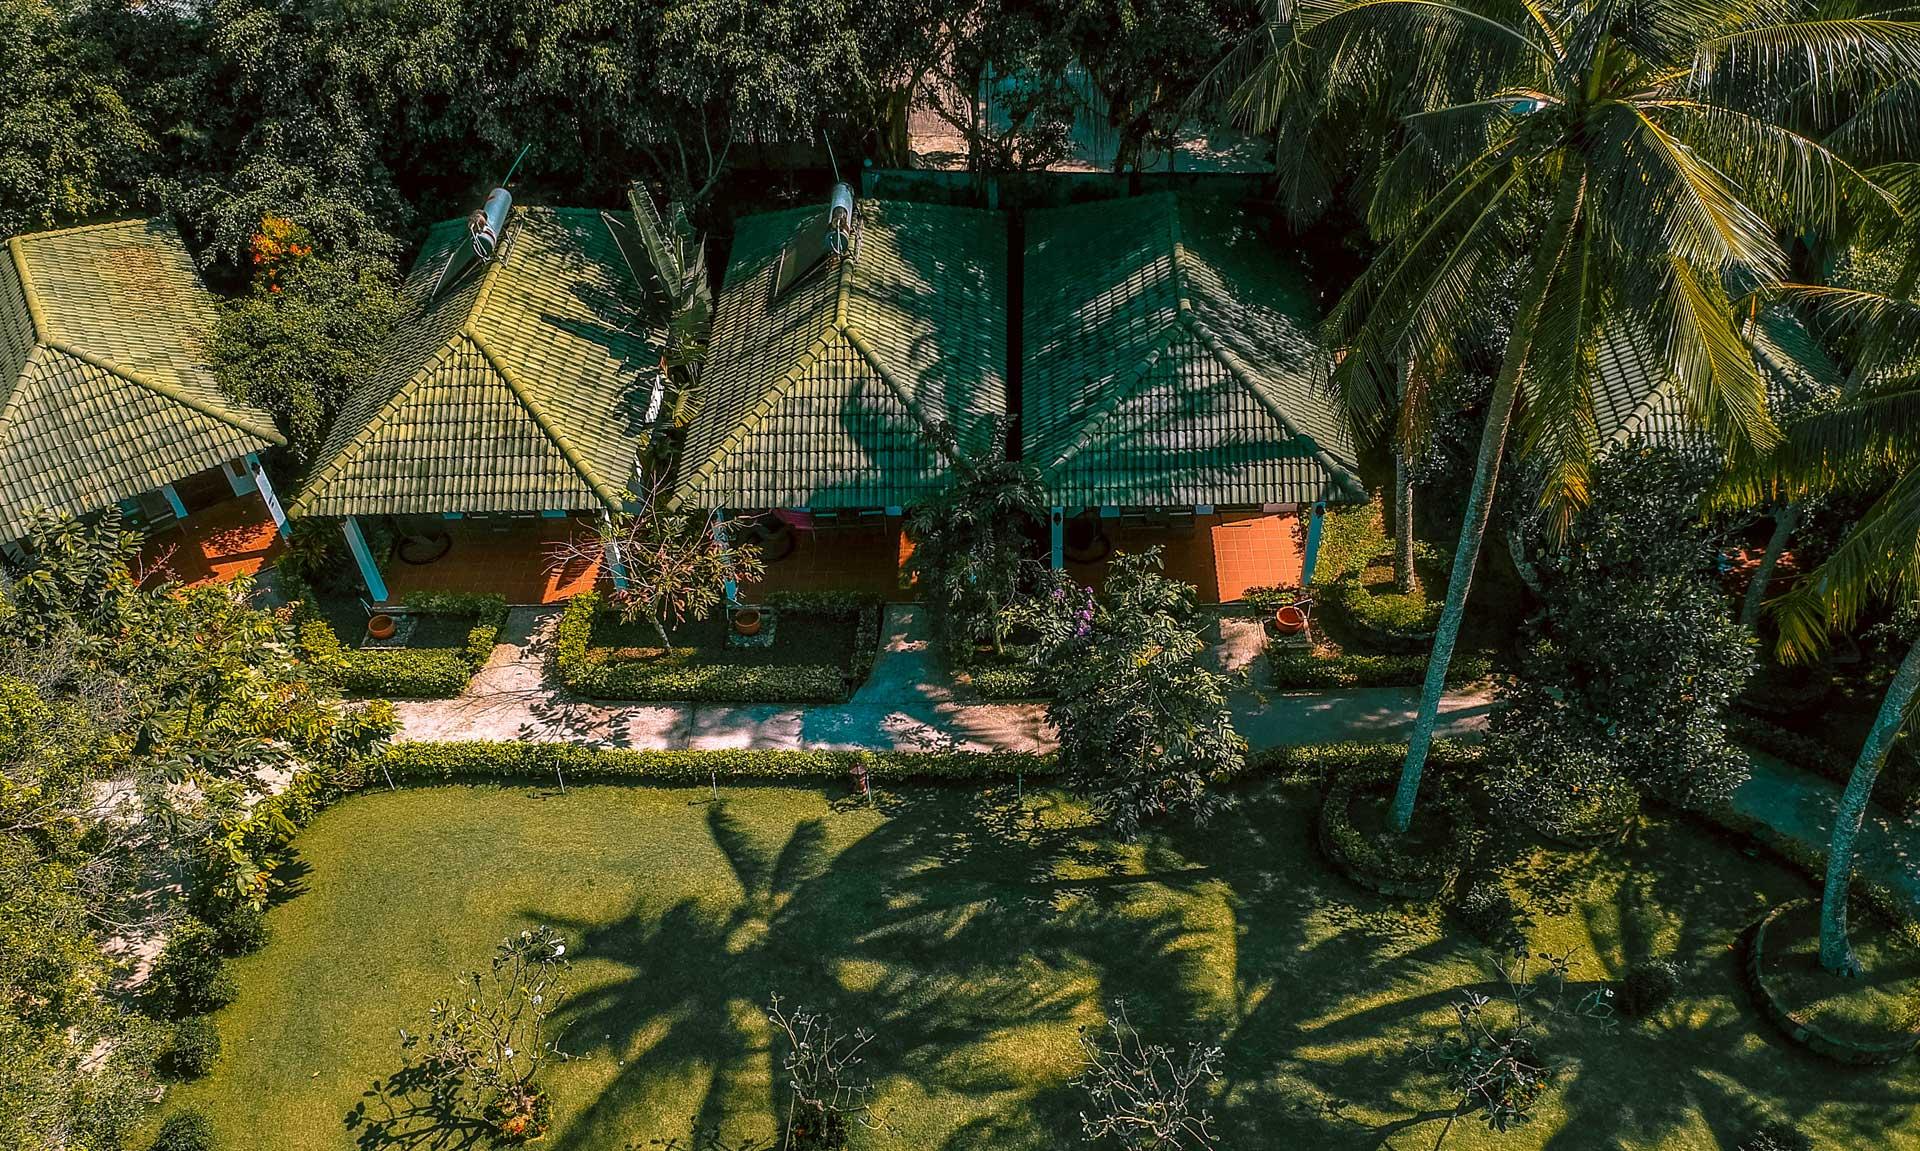 View garden xanh mát, mang phong cách miền nhiệt đới sôi động